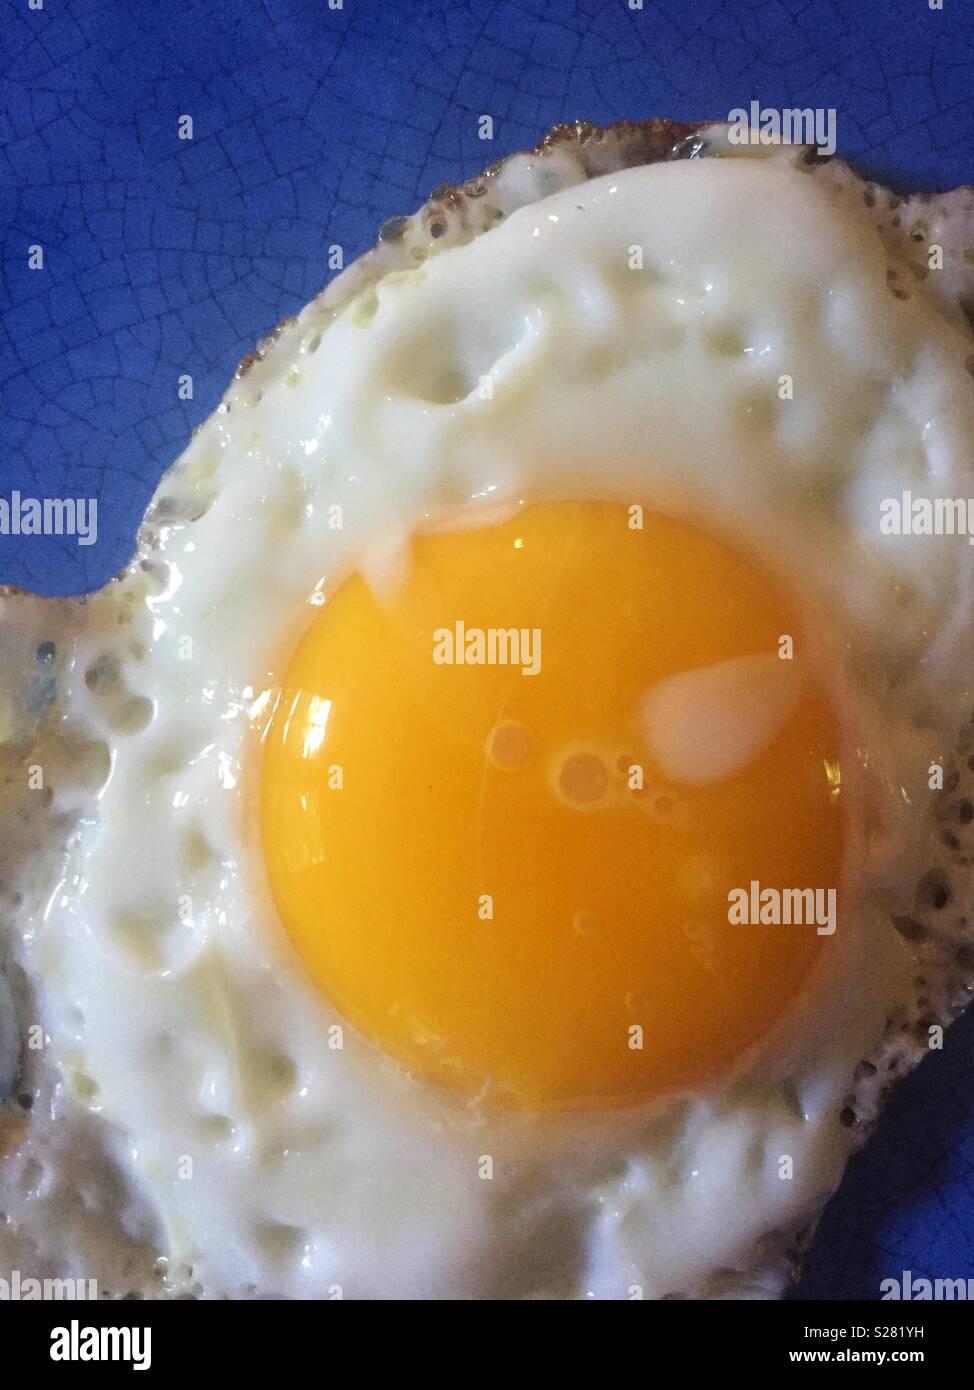 Primo piano di uovo fritto sulla piastra blu Immagini Stock